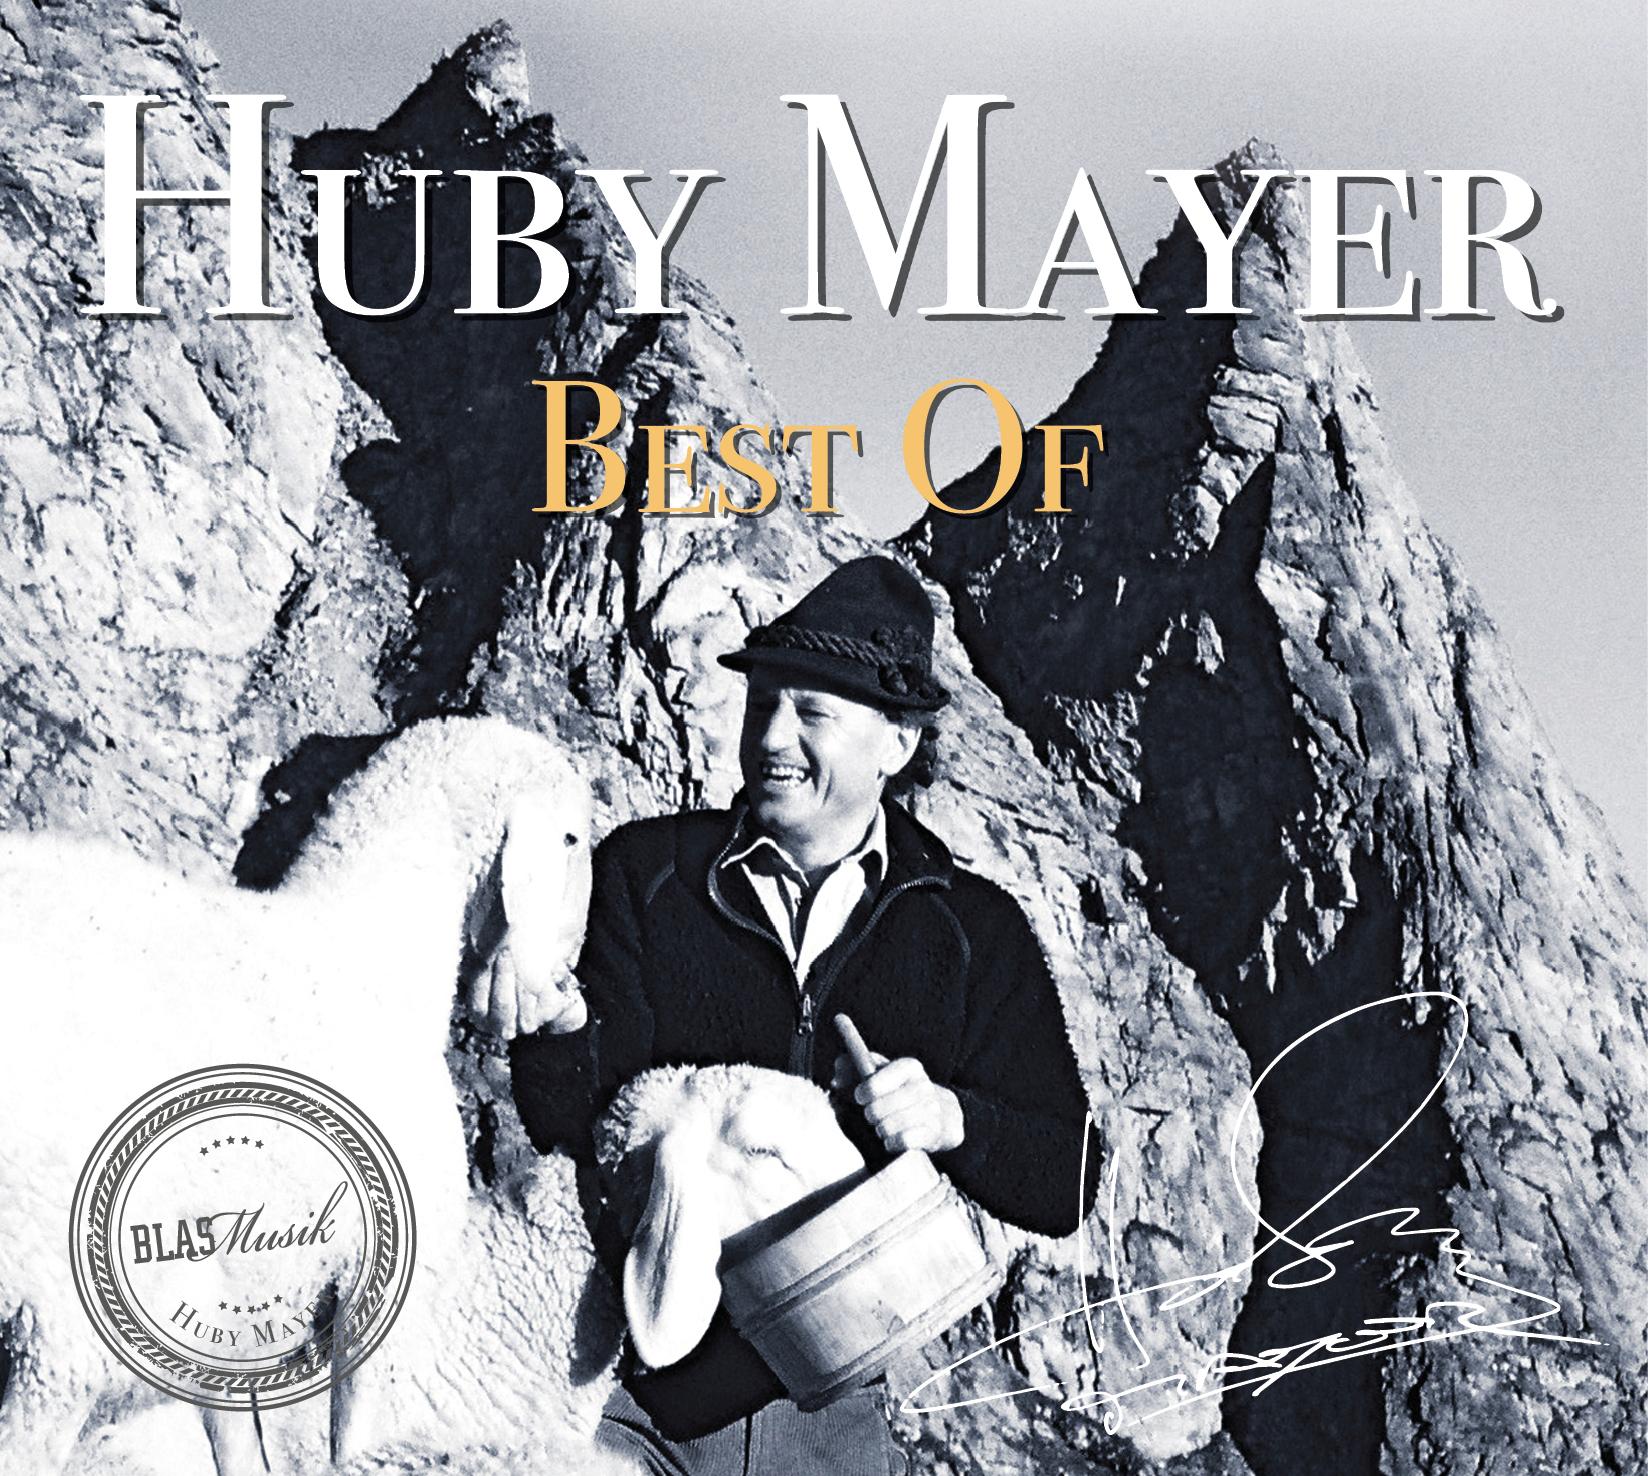 HubyMayer_CDCover_Blasmusik